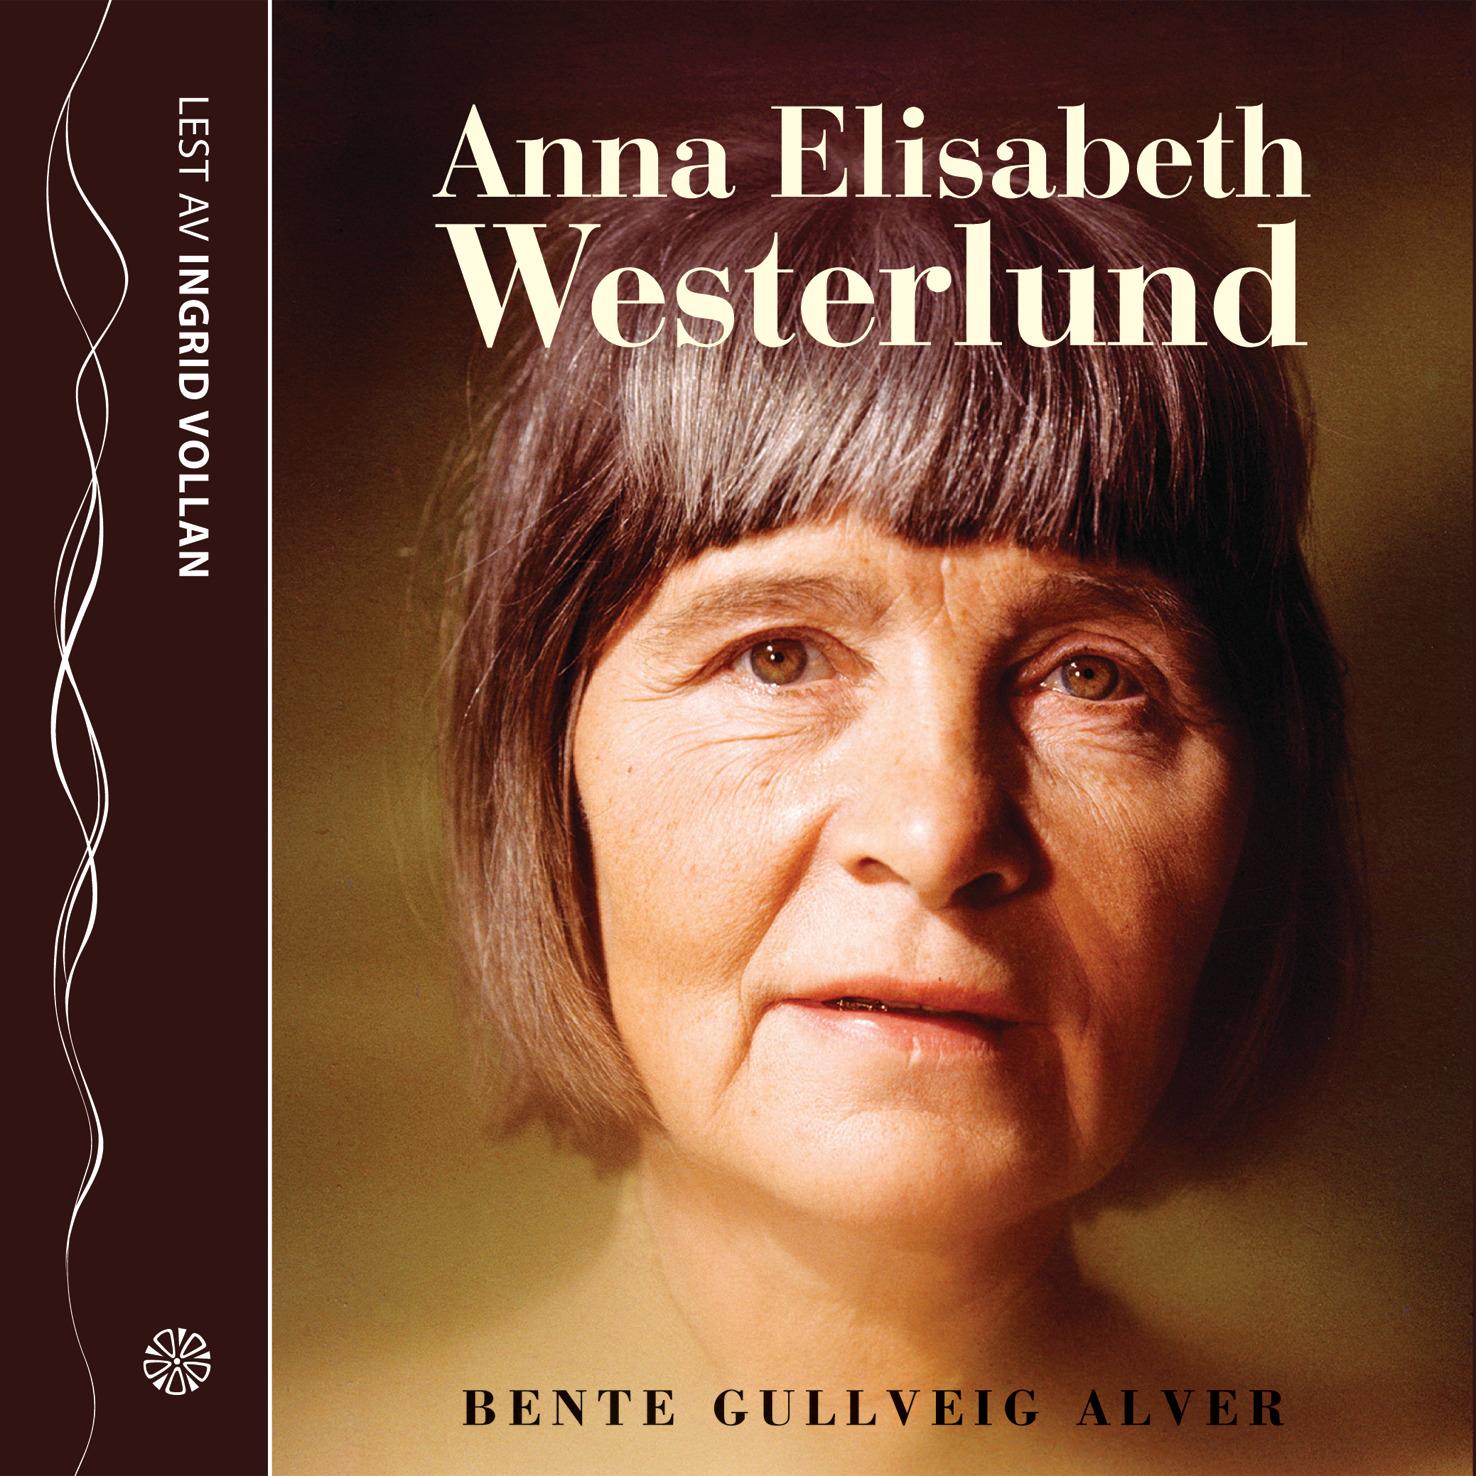 Anna Elisabeth Westerlund, bok skrevet av Bente Gullveig Alver